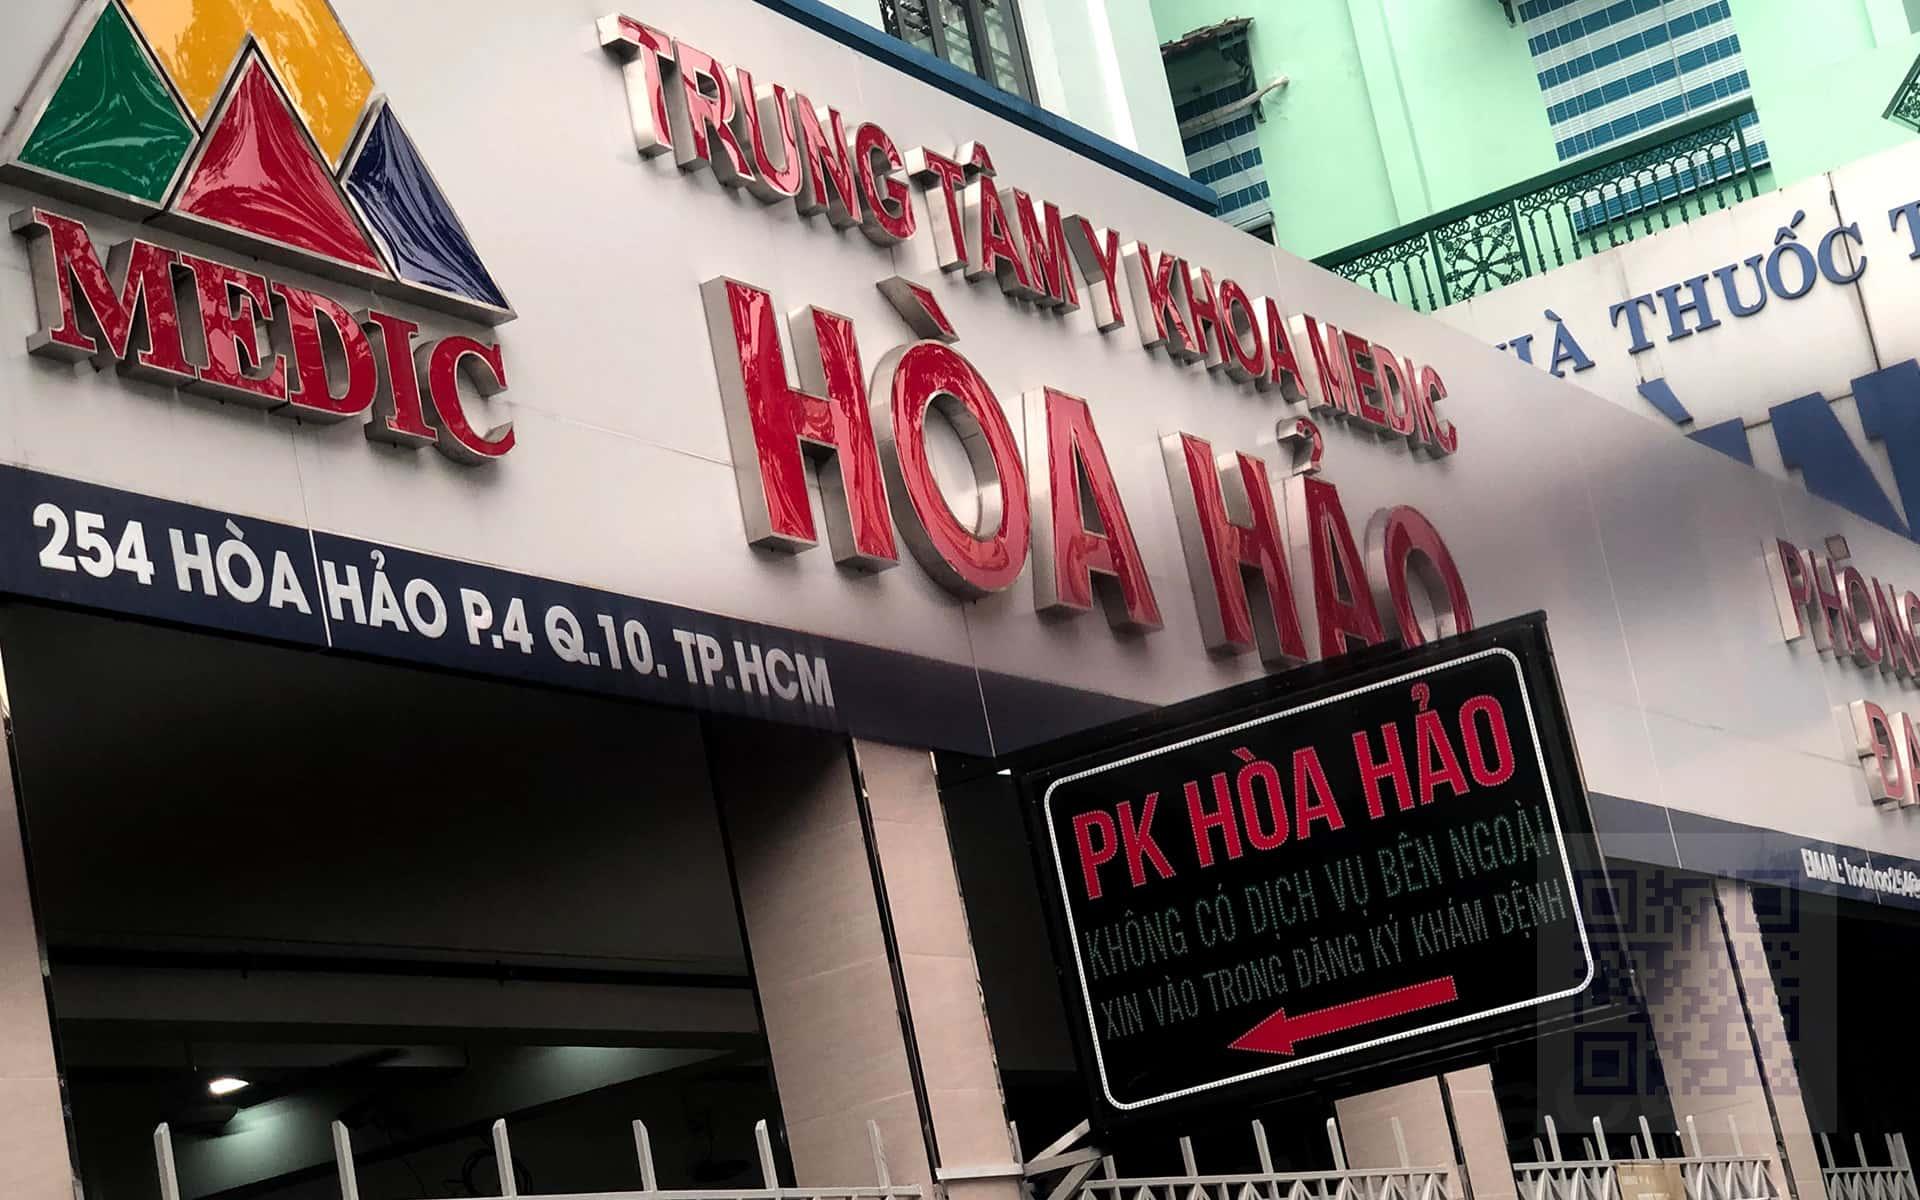 Hoa Hao Hospital